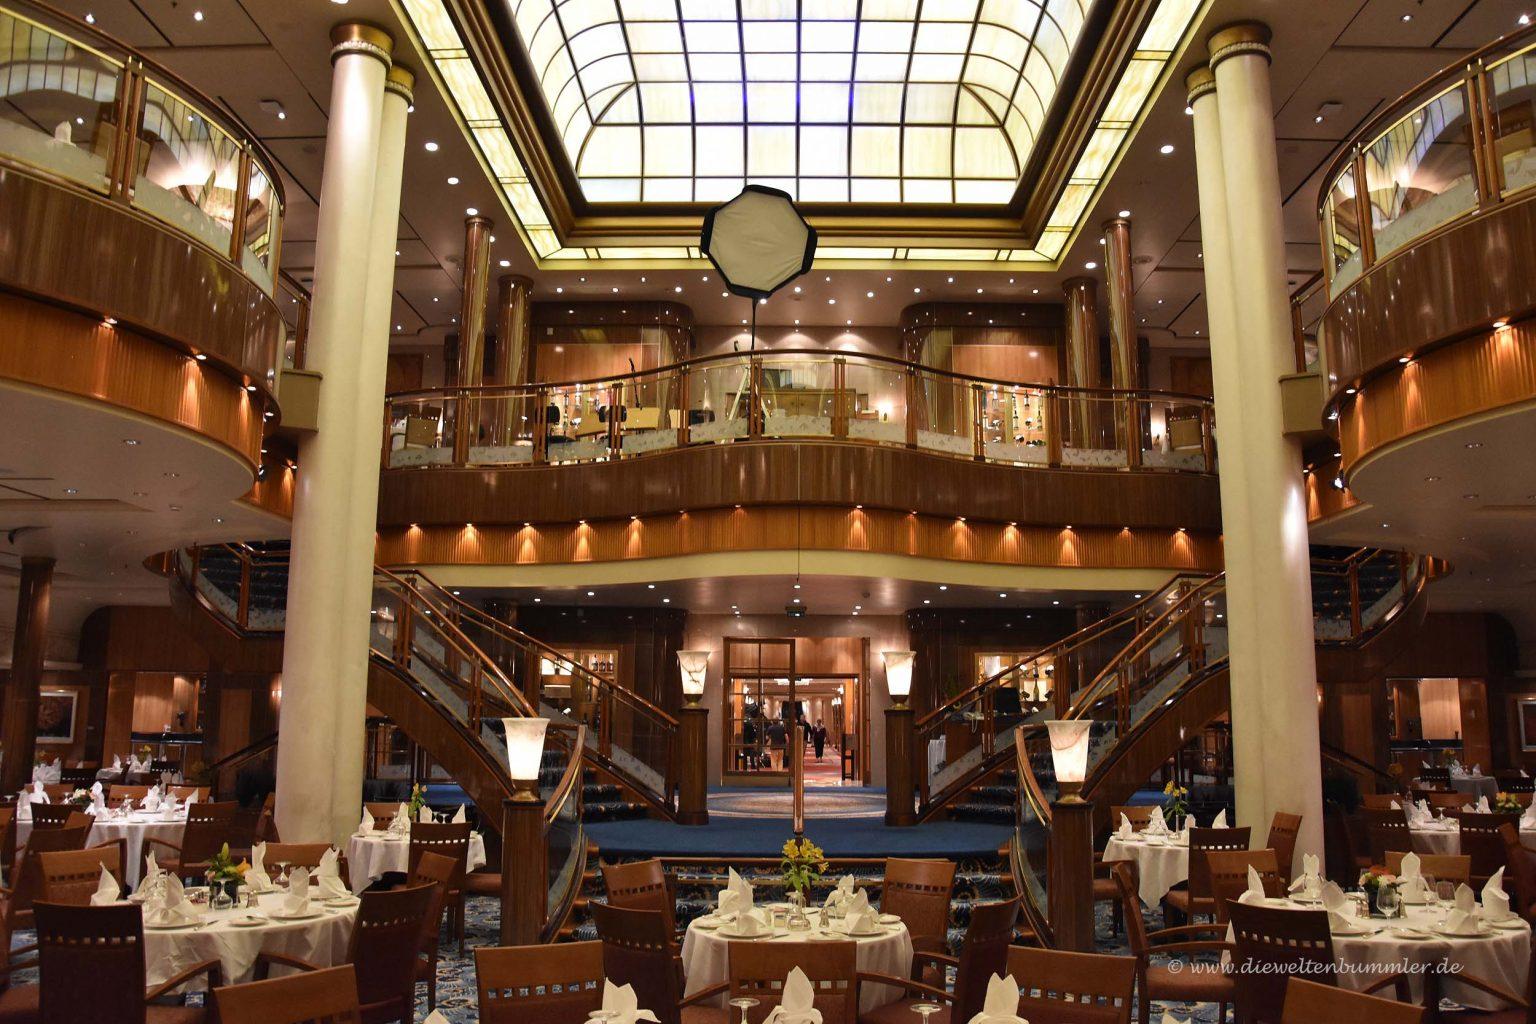 Das Restaurant erstreckt sich über zwei Decks